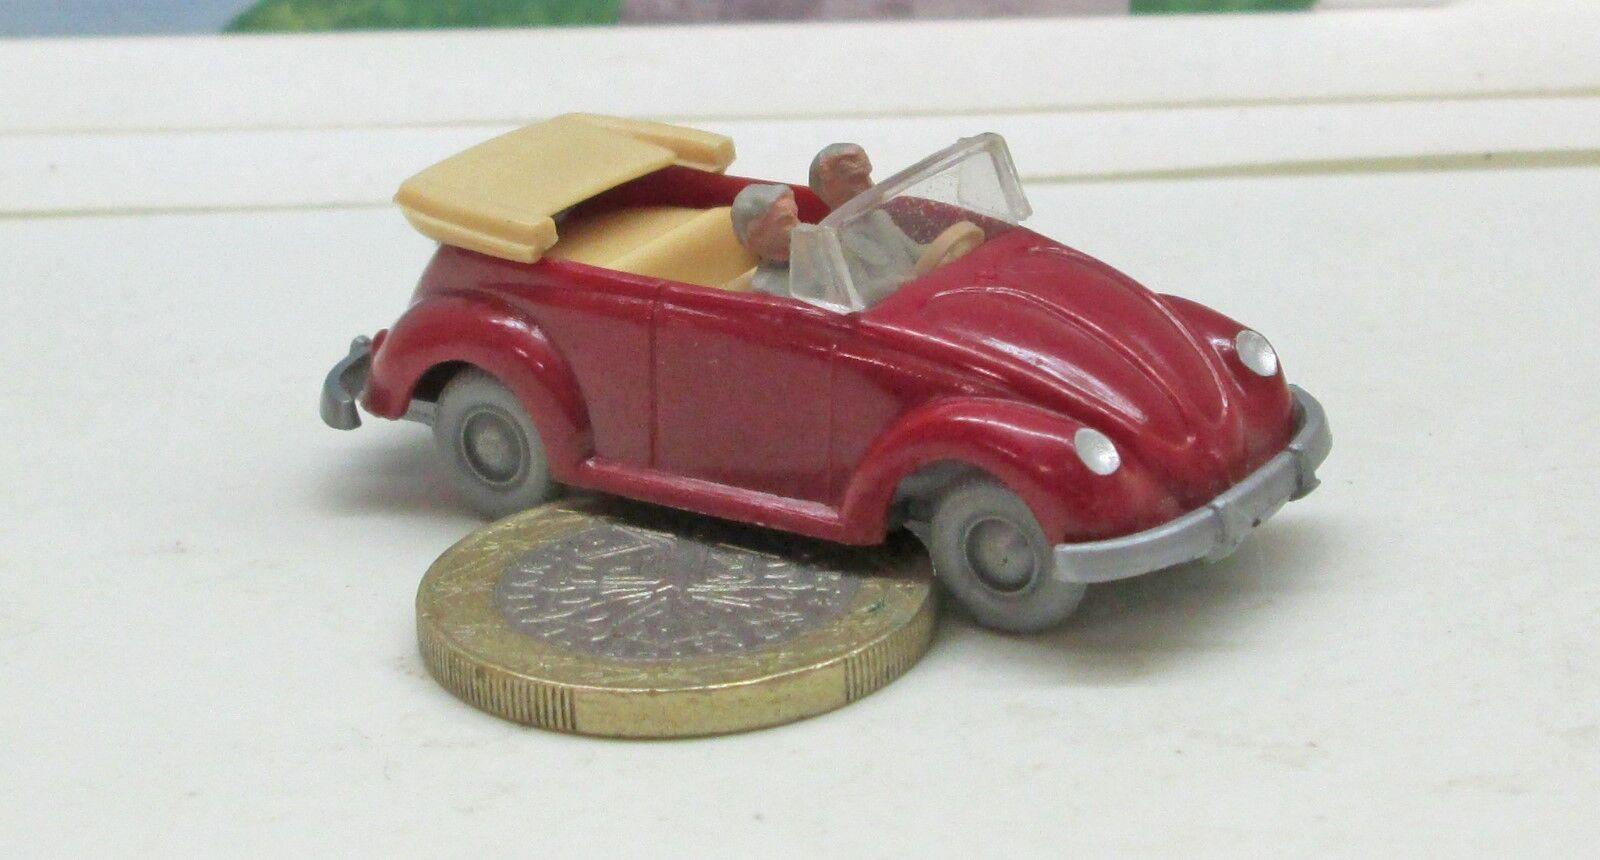 mejor calidad mejor precio Wiking 033 4 4 4 VW EsCocheabajo cabriolet con cuernos, marrónrojo (1108)  punto de venta